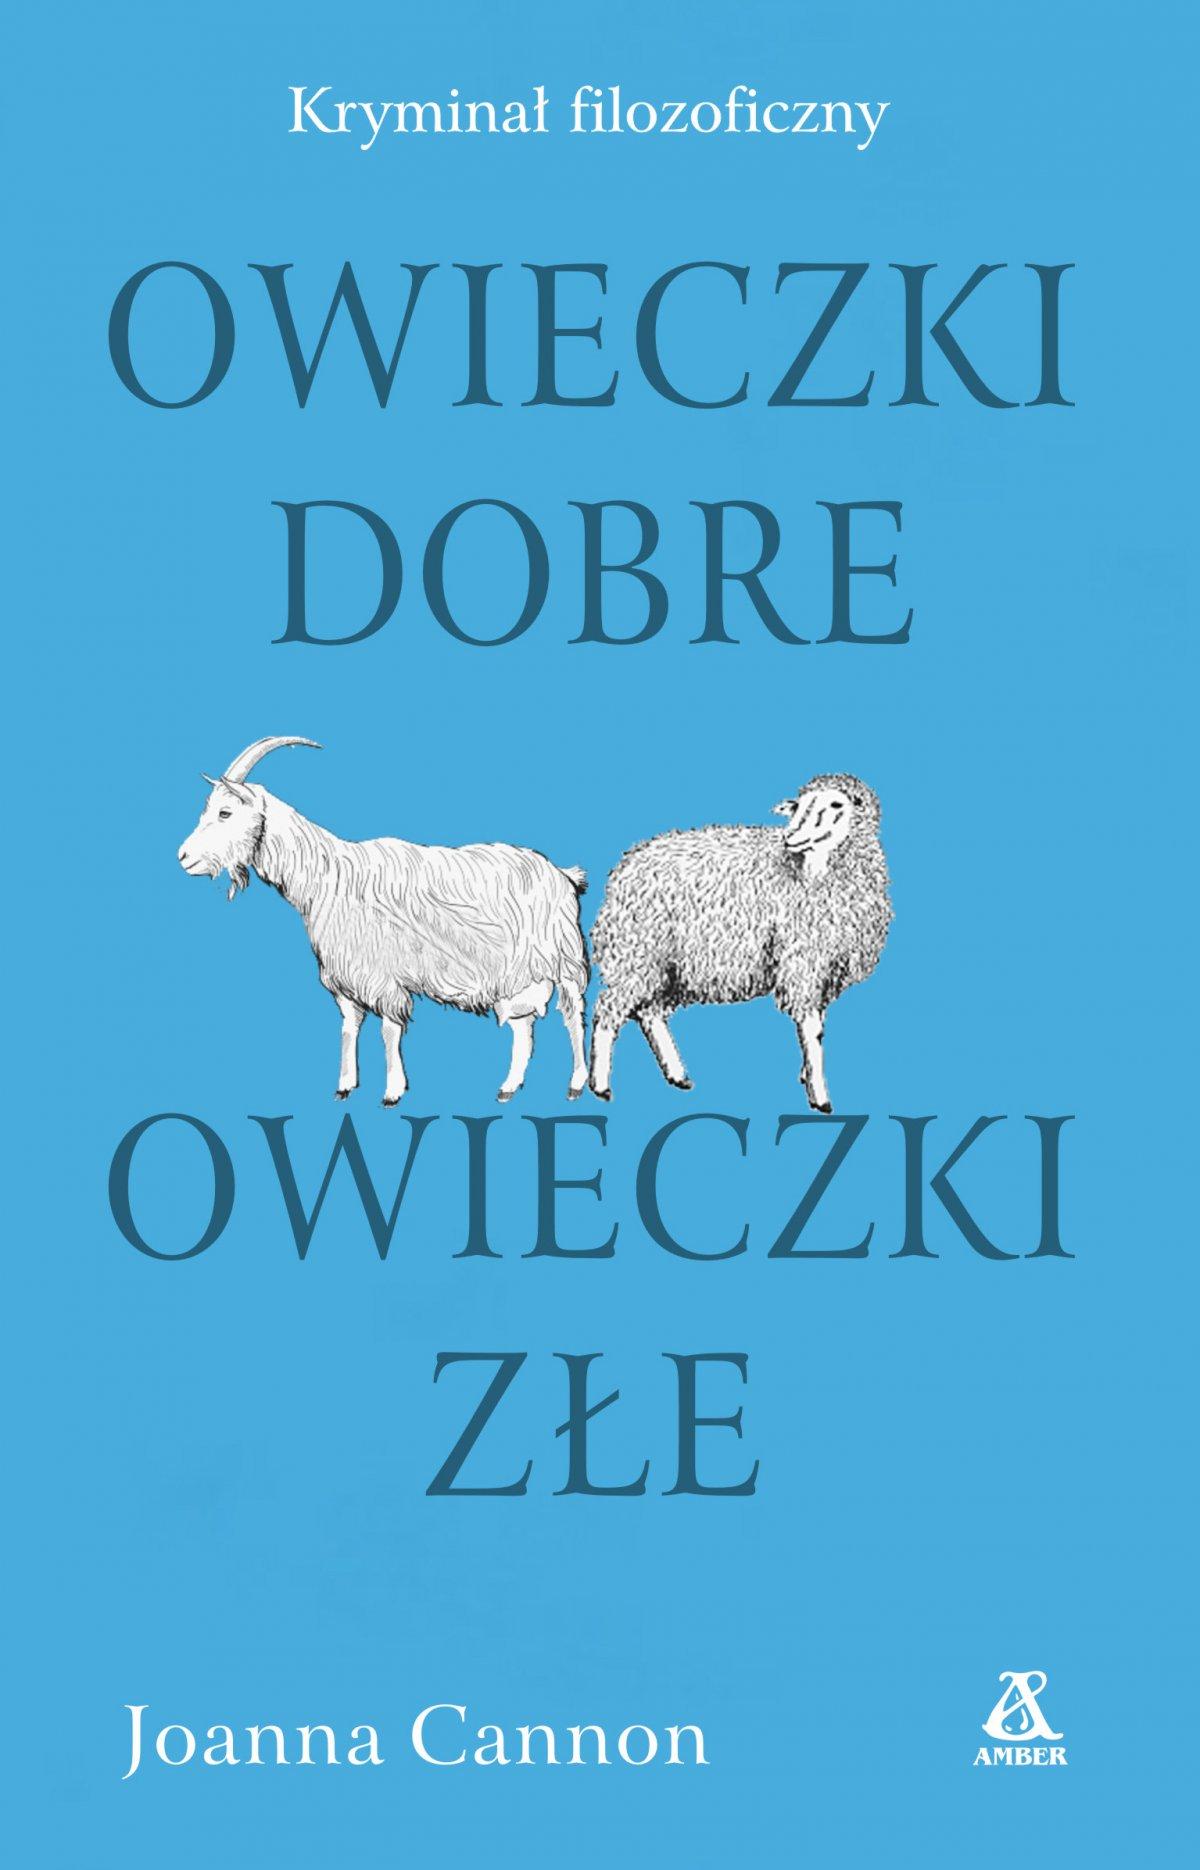 Owieczki dobre, owieczki złe - Ebook (Książka na Kindle) do pobrania w formacie MOBI